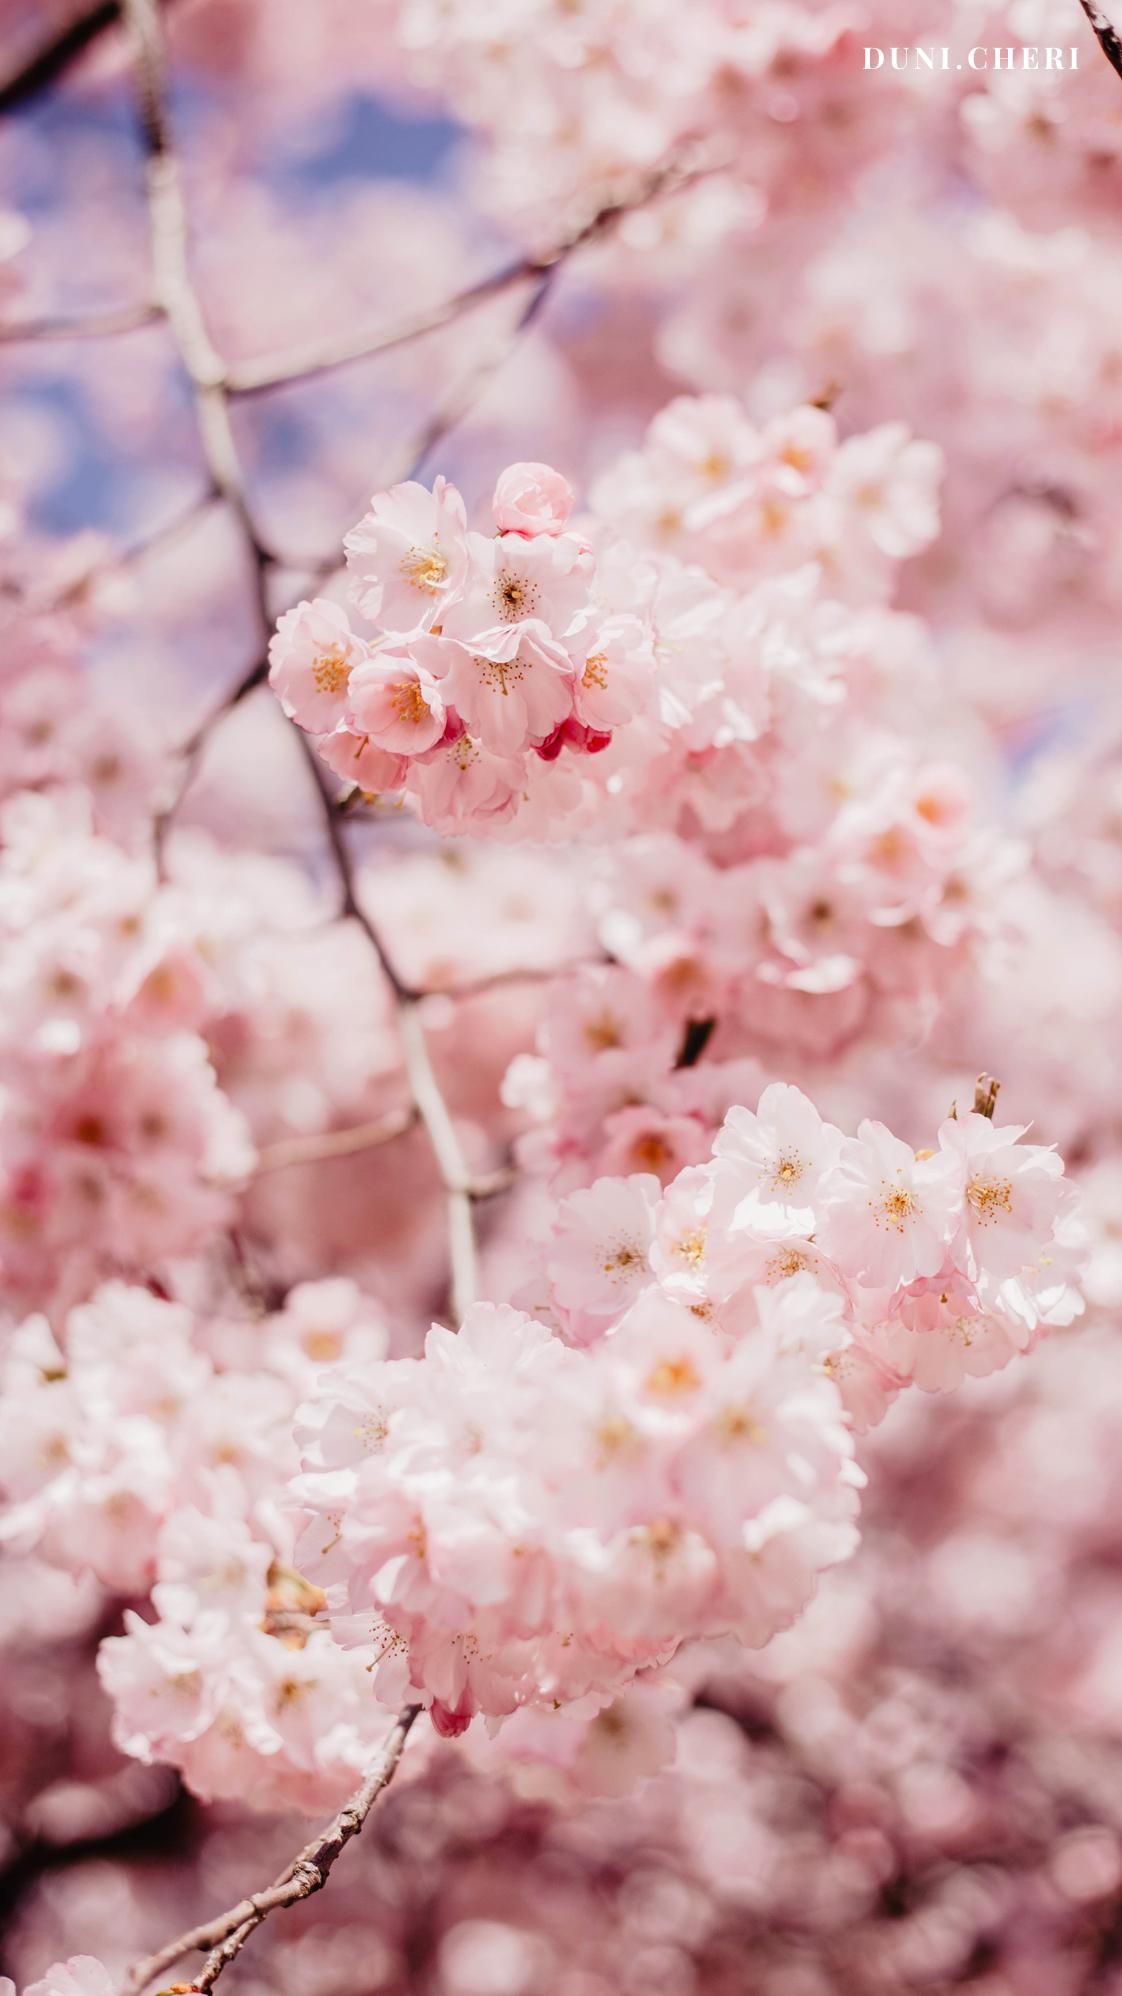 kirschblüten wallpaper free